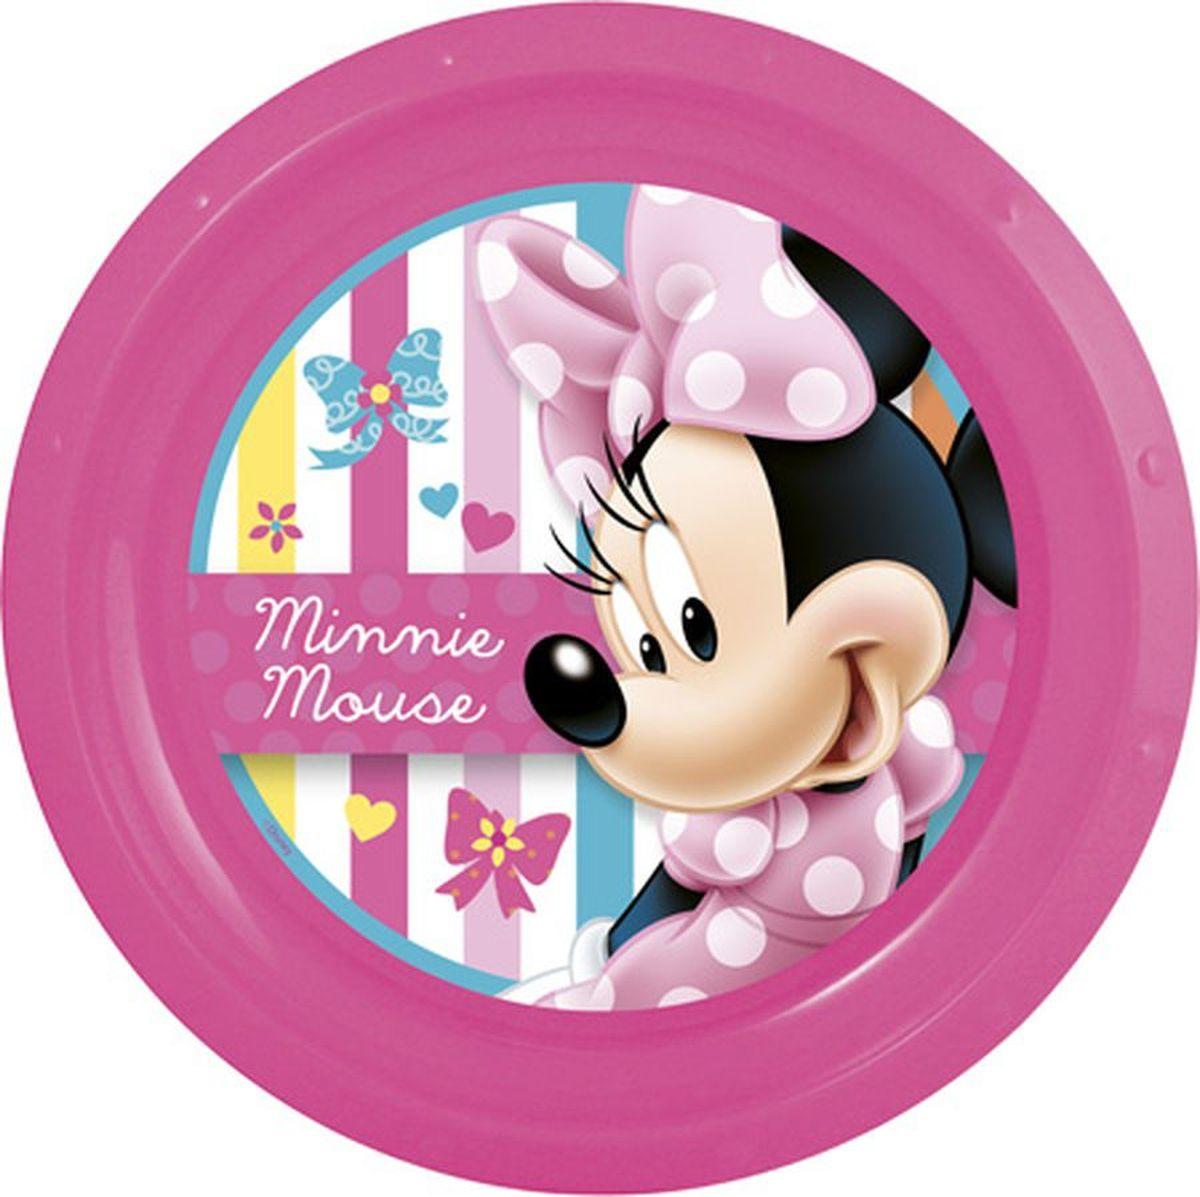 Disney Тарелка Минни диаметр 21,5 см15029_мышьЯркая тарелка Disney превратит процесс кормления вашего малыша в веселую игру. Дно оформлено изображением забавной мышки Минни. Ваш ребенок будет кушать с большим удовольствием, стараясь быстрее добраться до картинки.